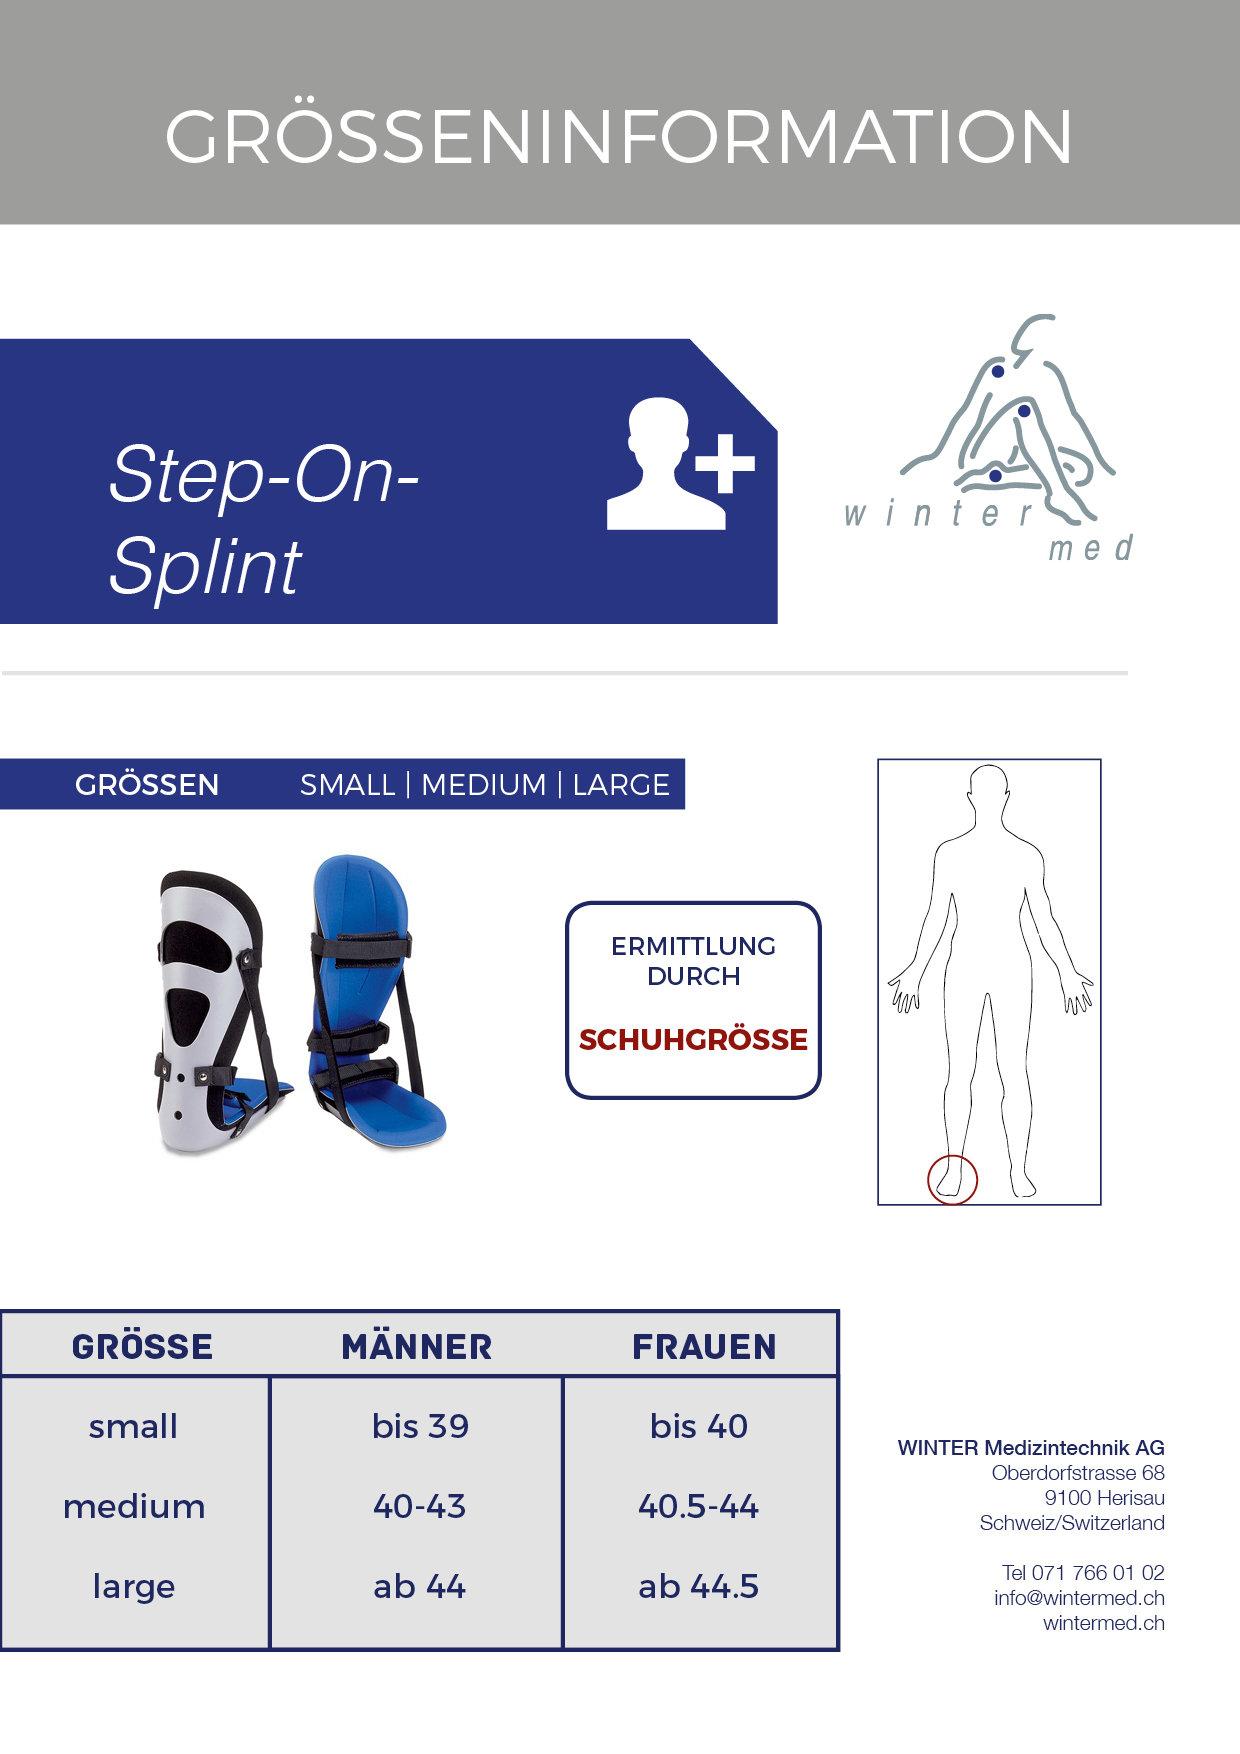 Grössentabelle der Step on Splint Premium Sprunggelenkschiene